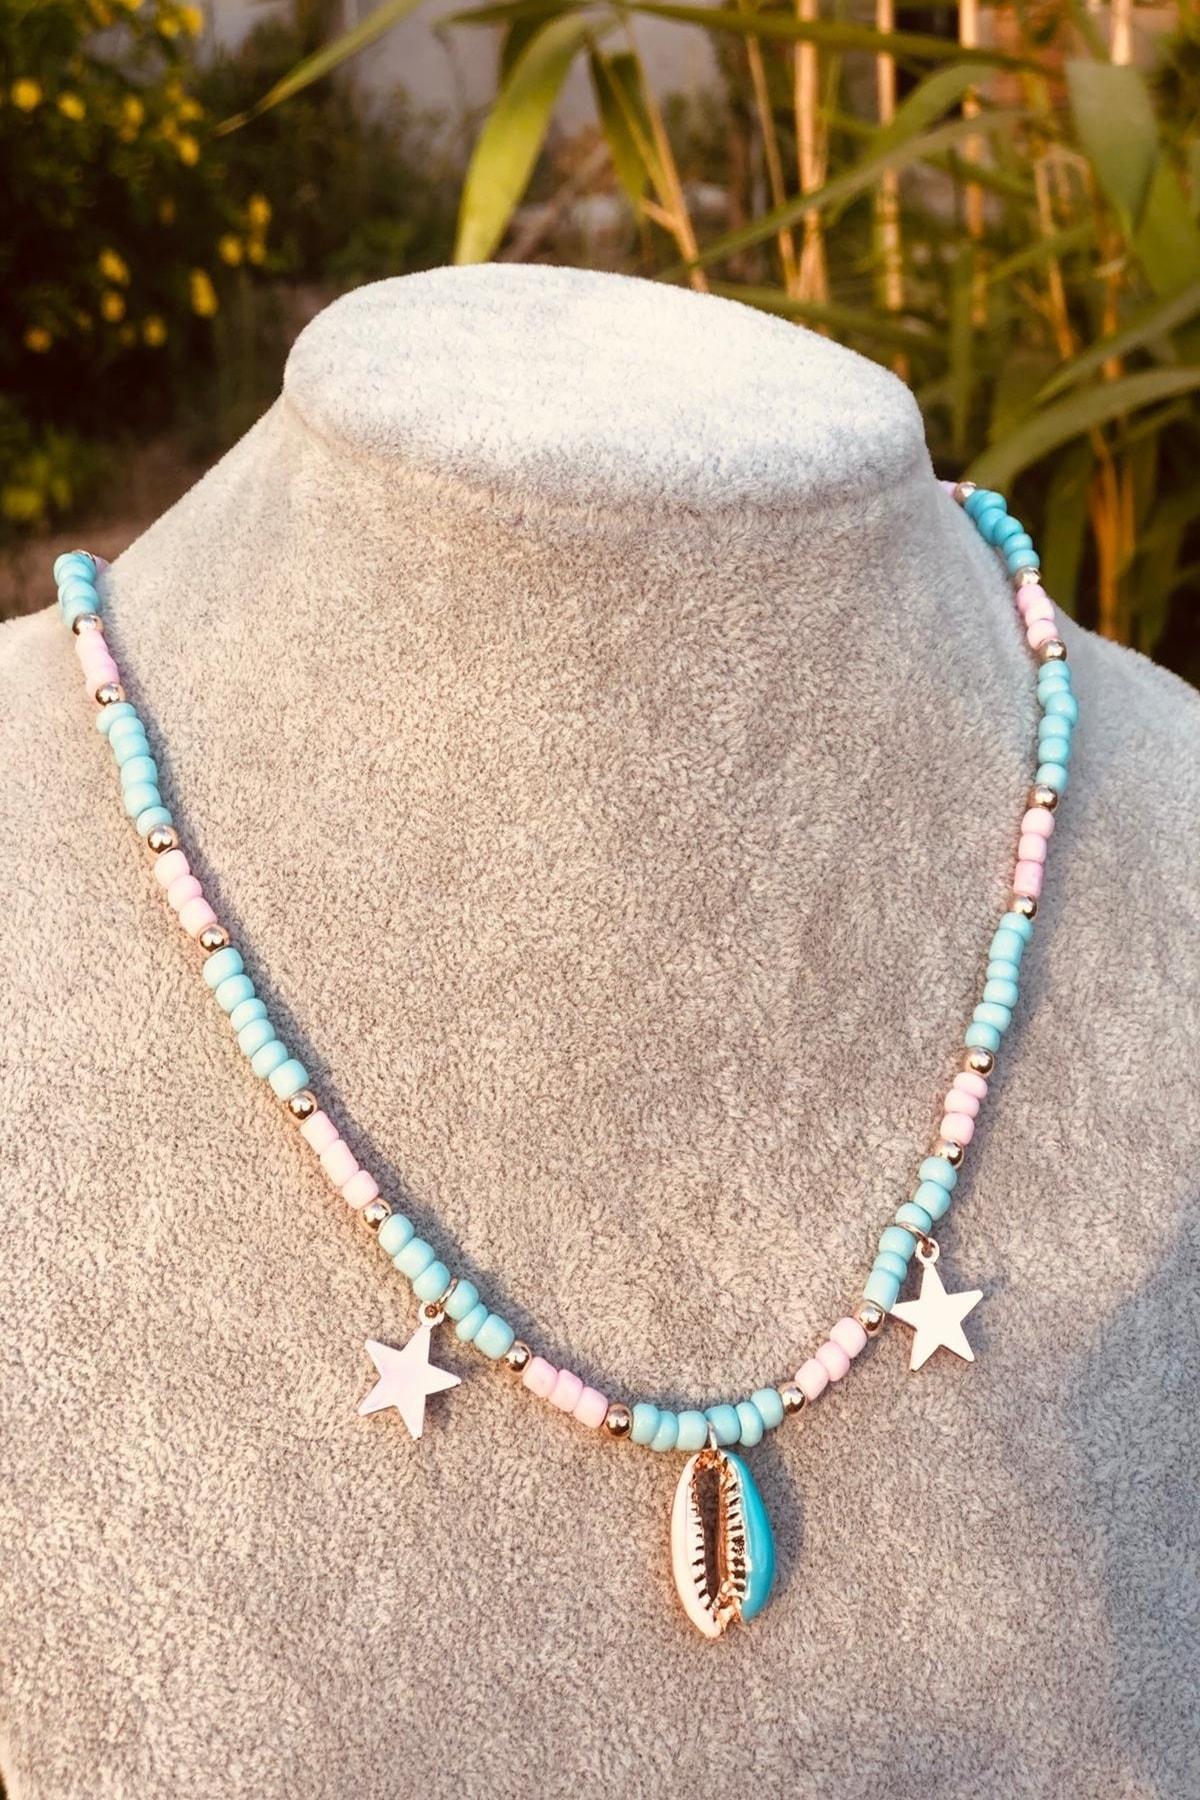 İsabella Accessories Kadın Boncuk Kolye Pembe Mavi 90'lar Bayan Kolyesi Deniz Kabuğu 2